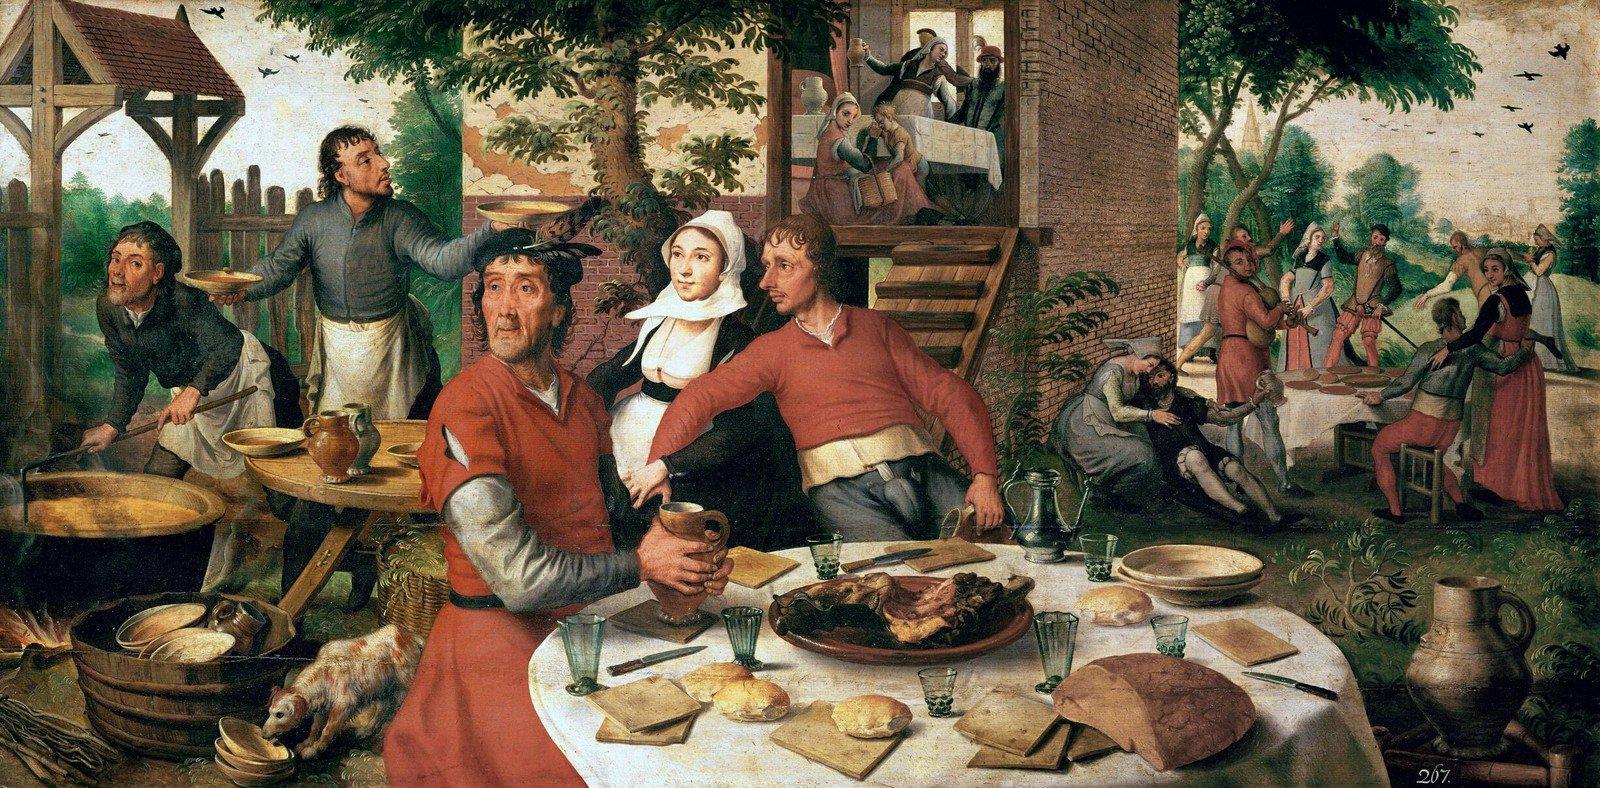 Застолье в средневековье